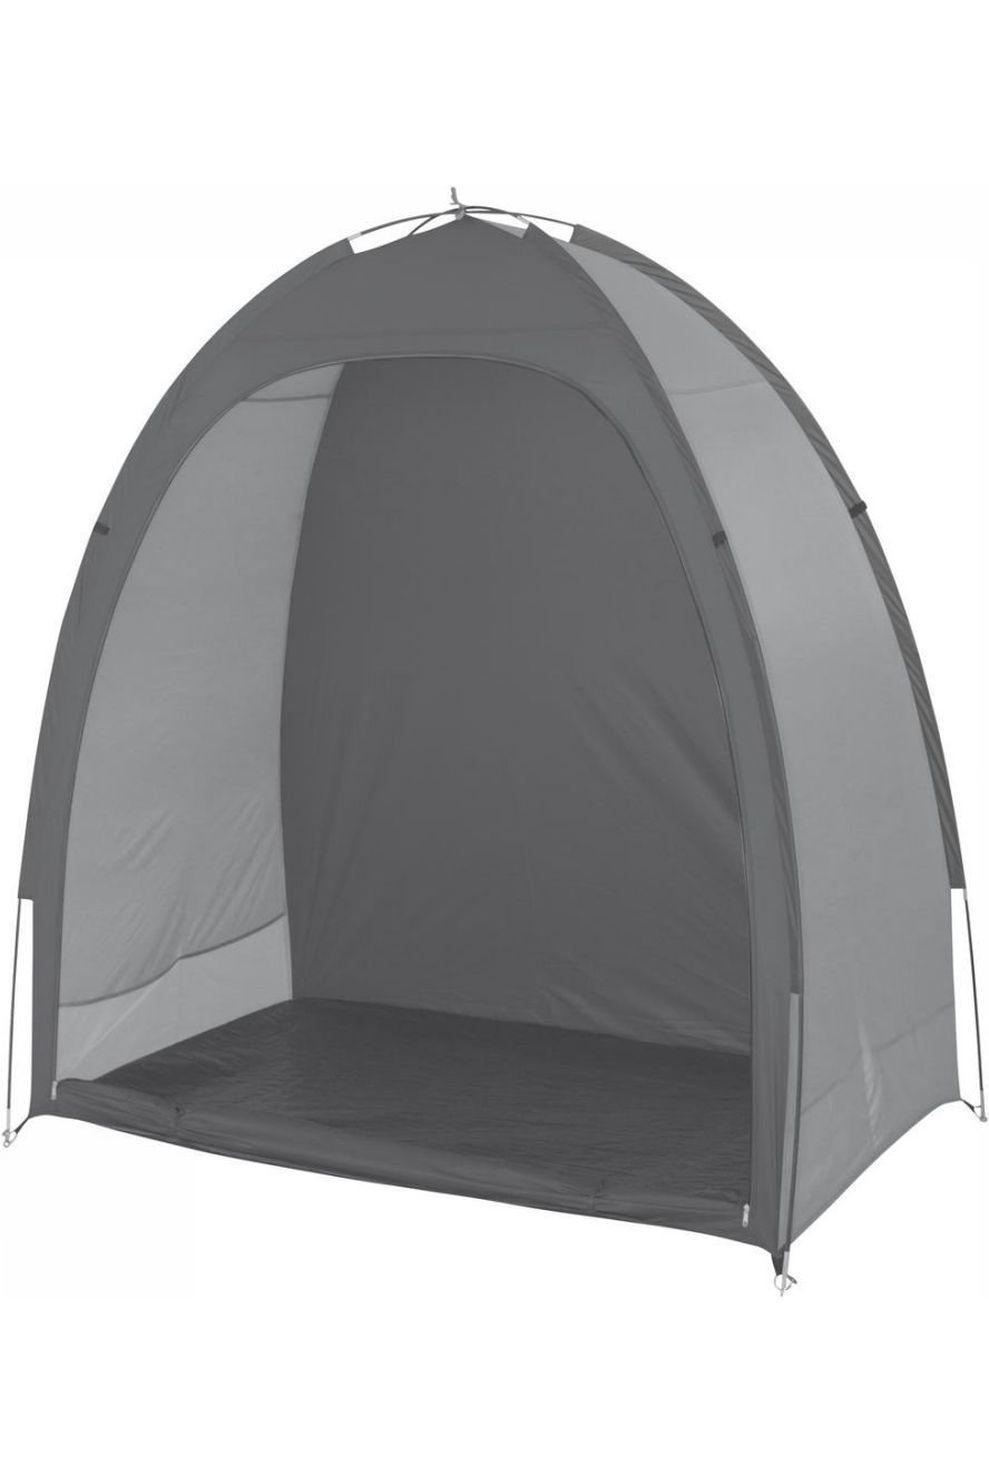 Bo-Camp Voortent Opbergtent Bike Shelter 1,8X0,85X1,85 Meter - Grijs